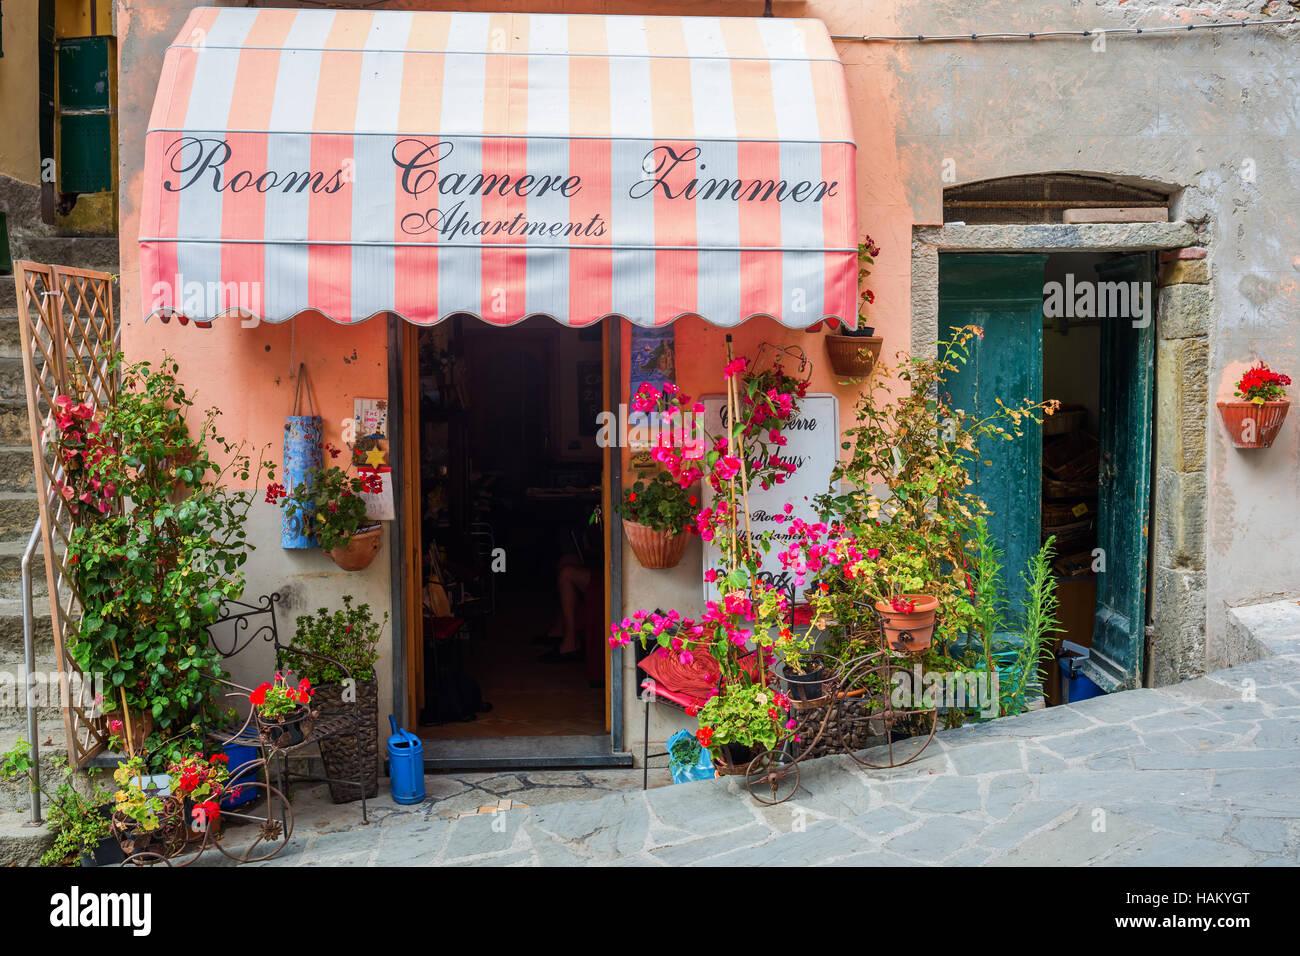 room letting in Riomaggiore, Cinque Terre, Italy - Stock Image